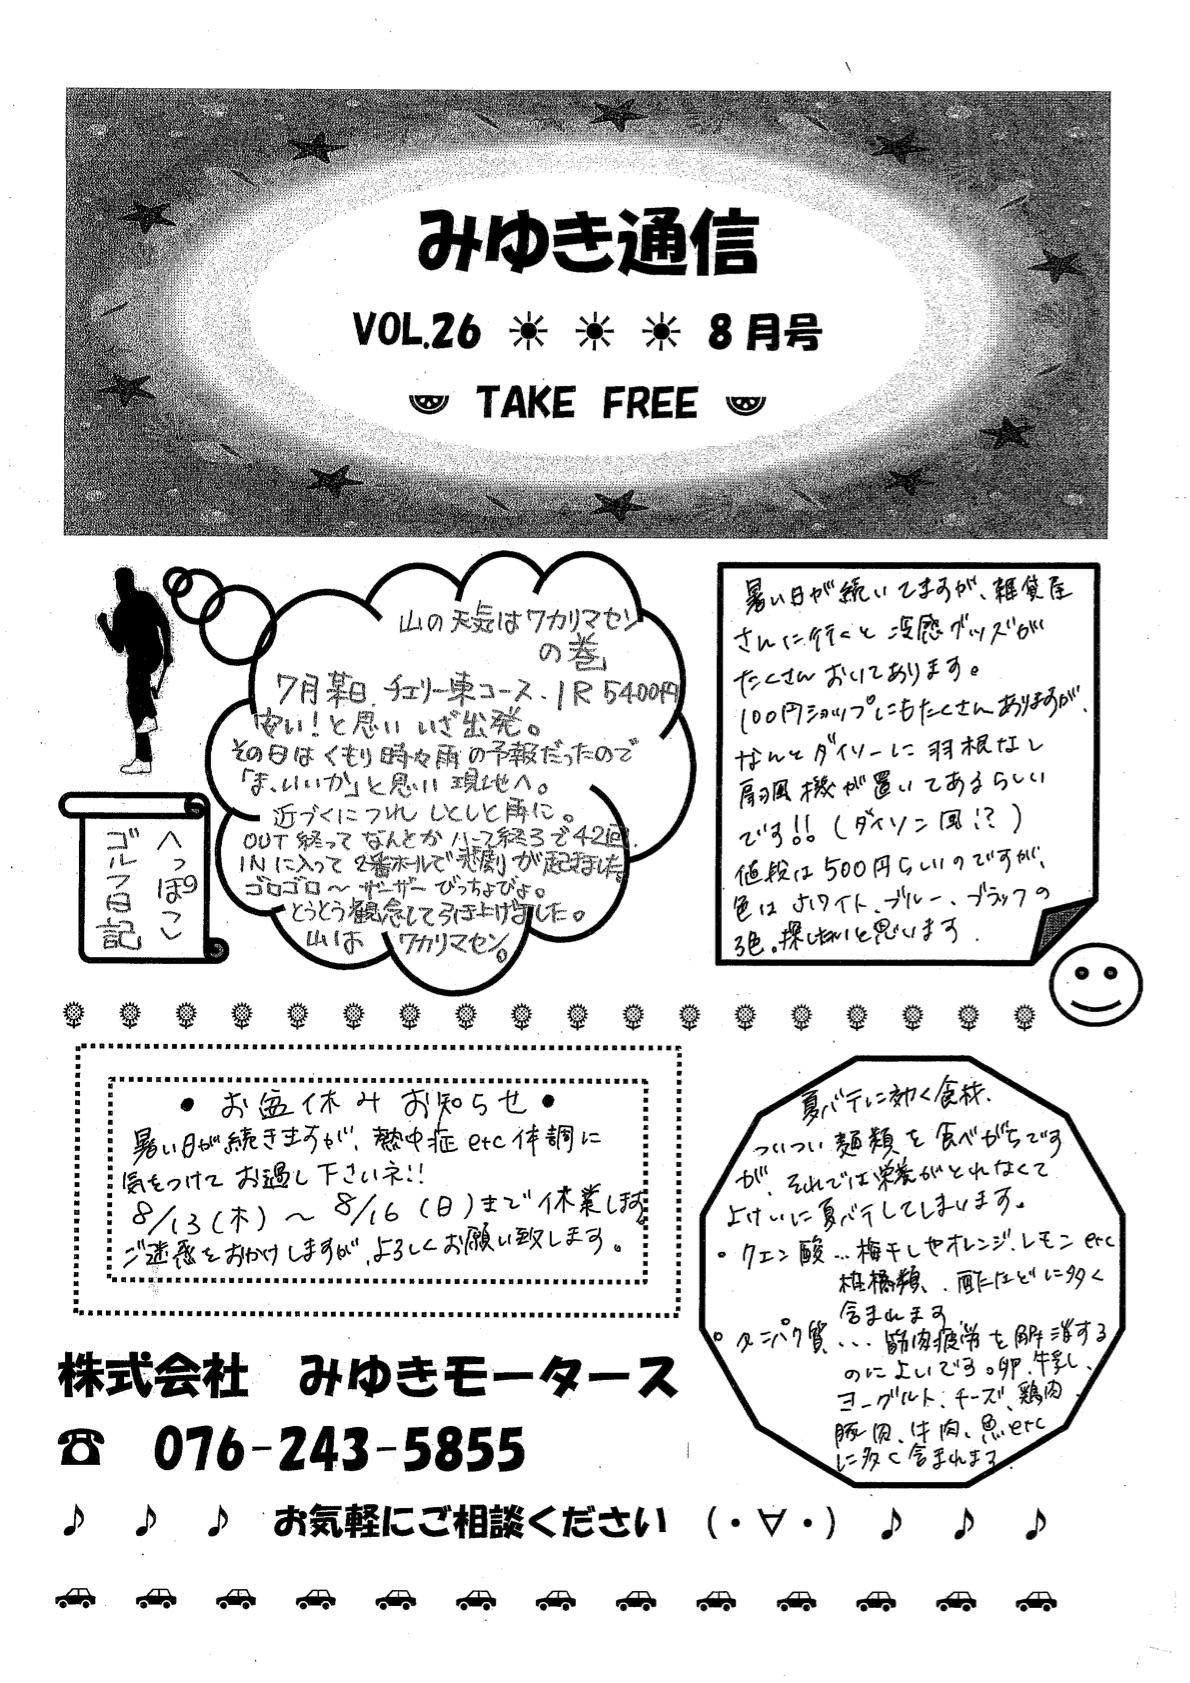 みゆき通信vol.26 8月号